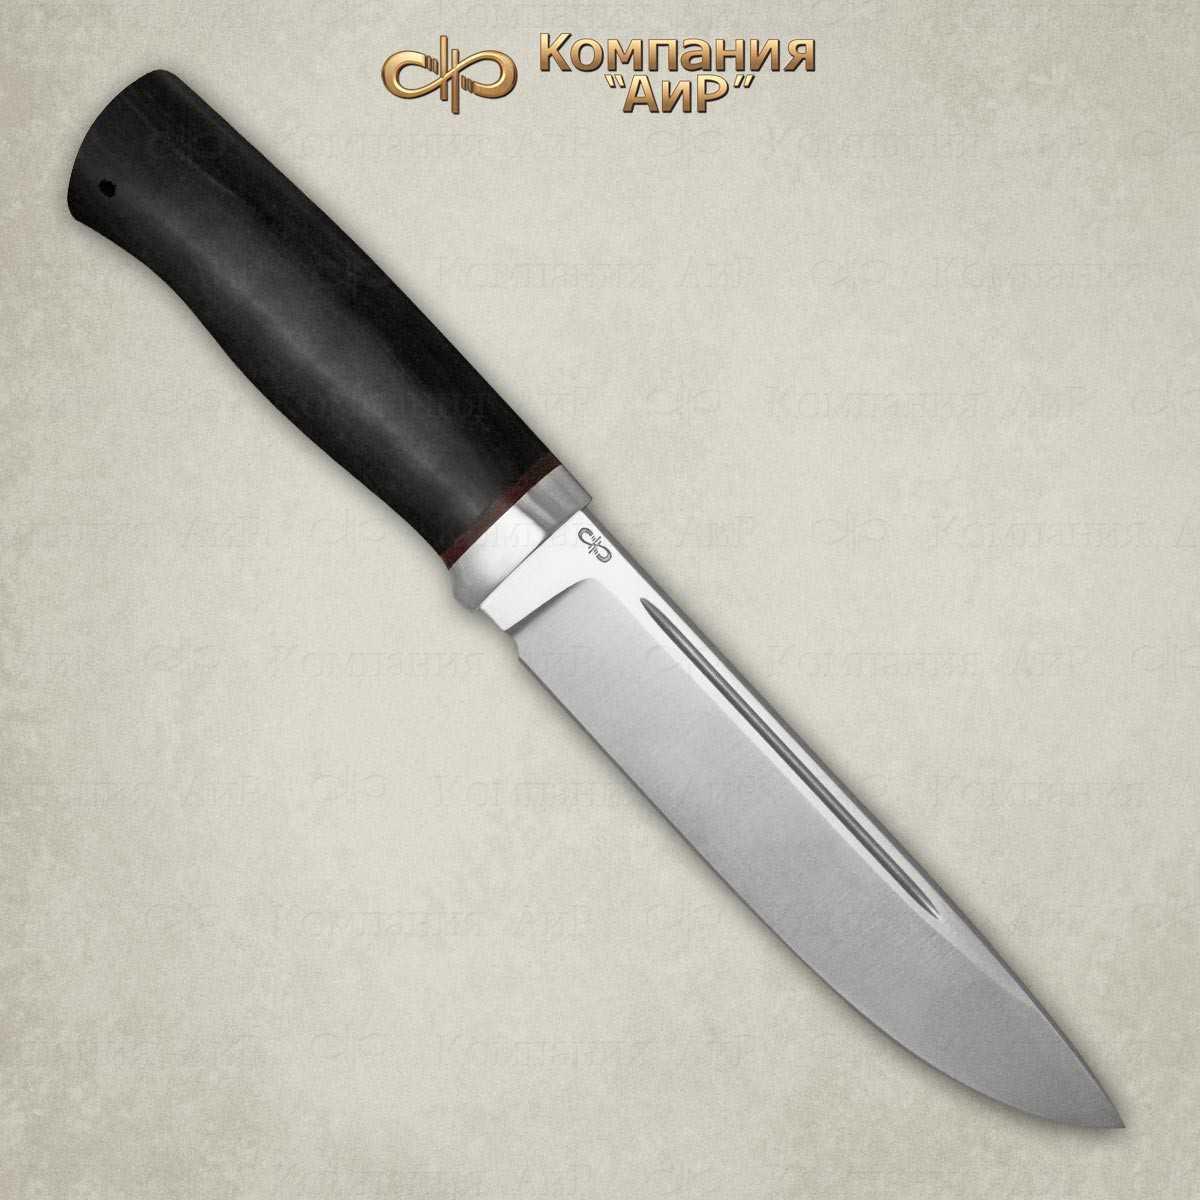 Купить Нож Таежный, АиР, граб, 95х18 в России